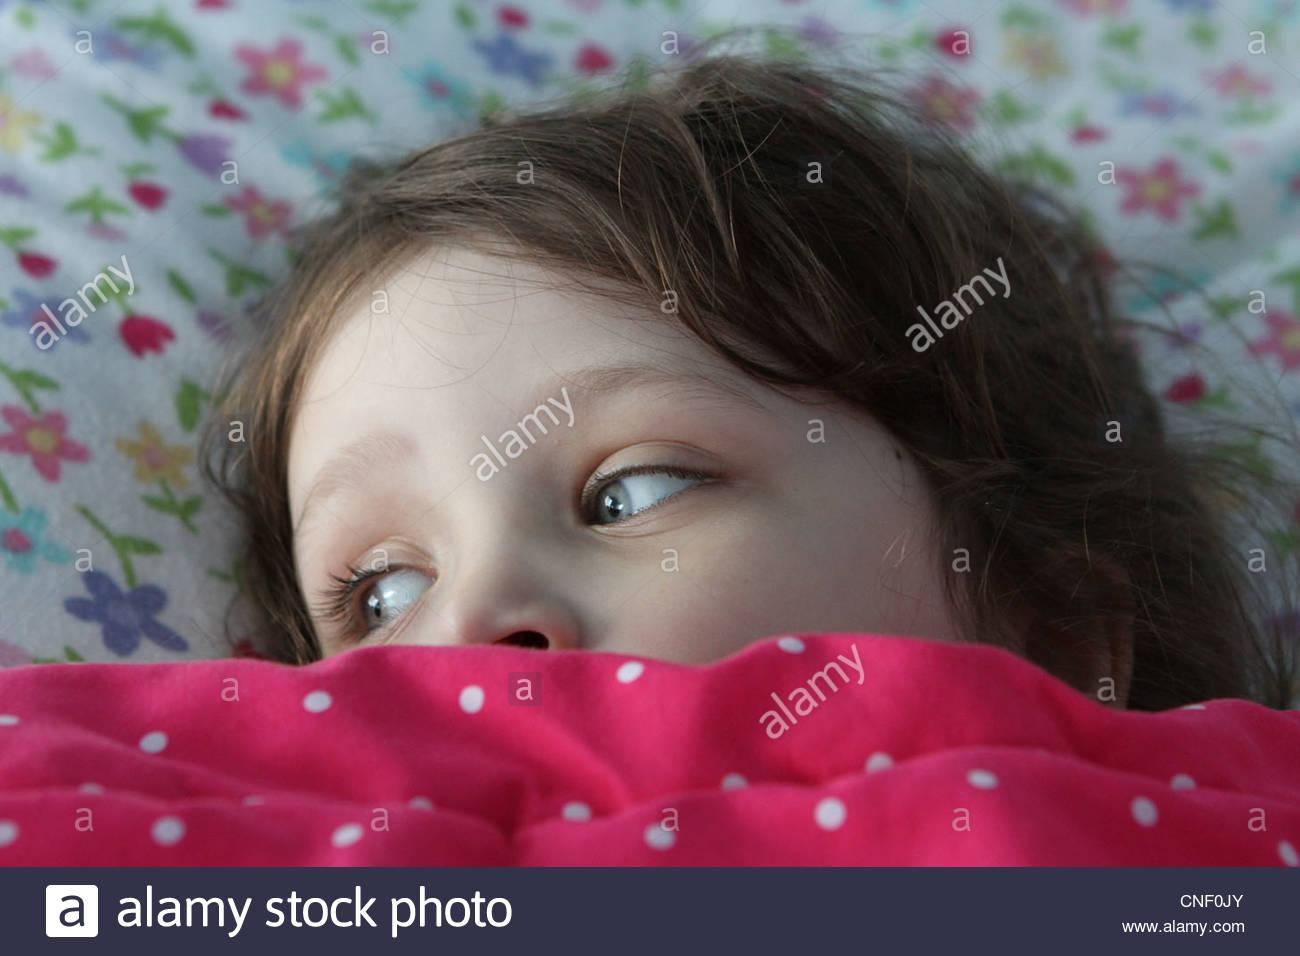 Un petit enfant au lit avec des couvertures sont arrêtés dans les yeux. Photo Stock